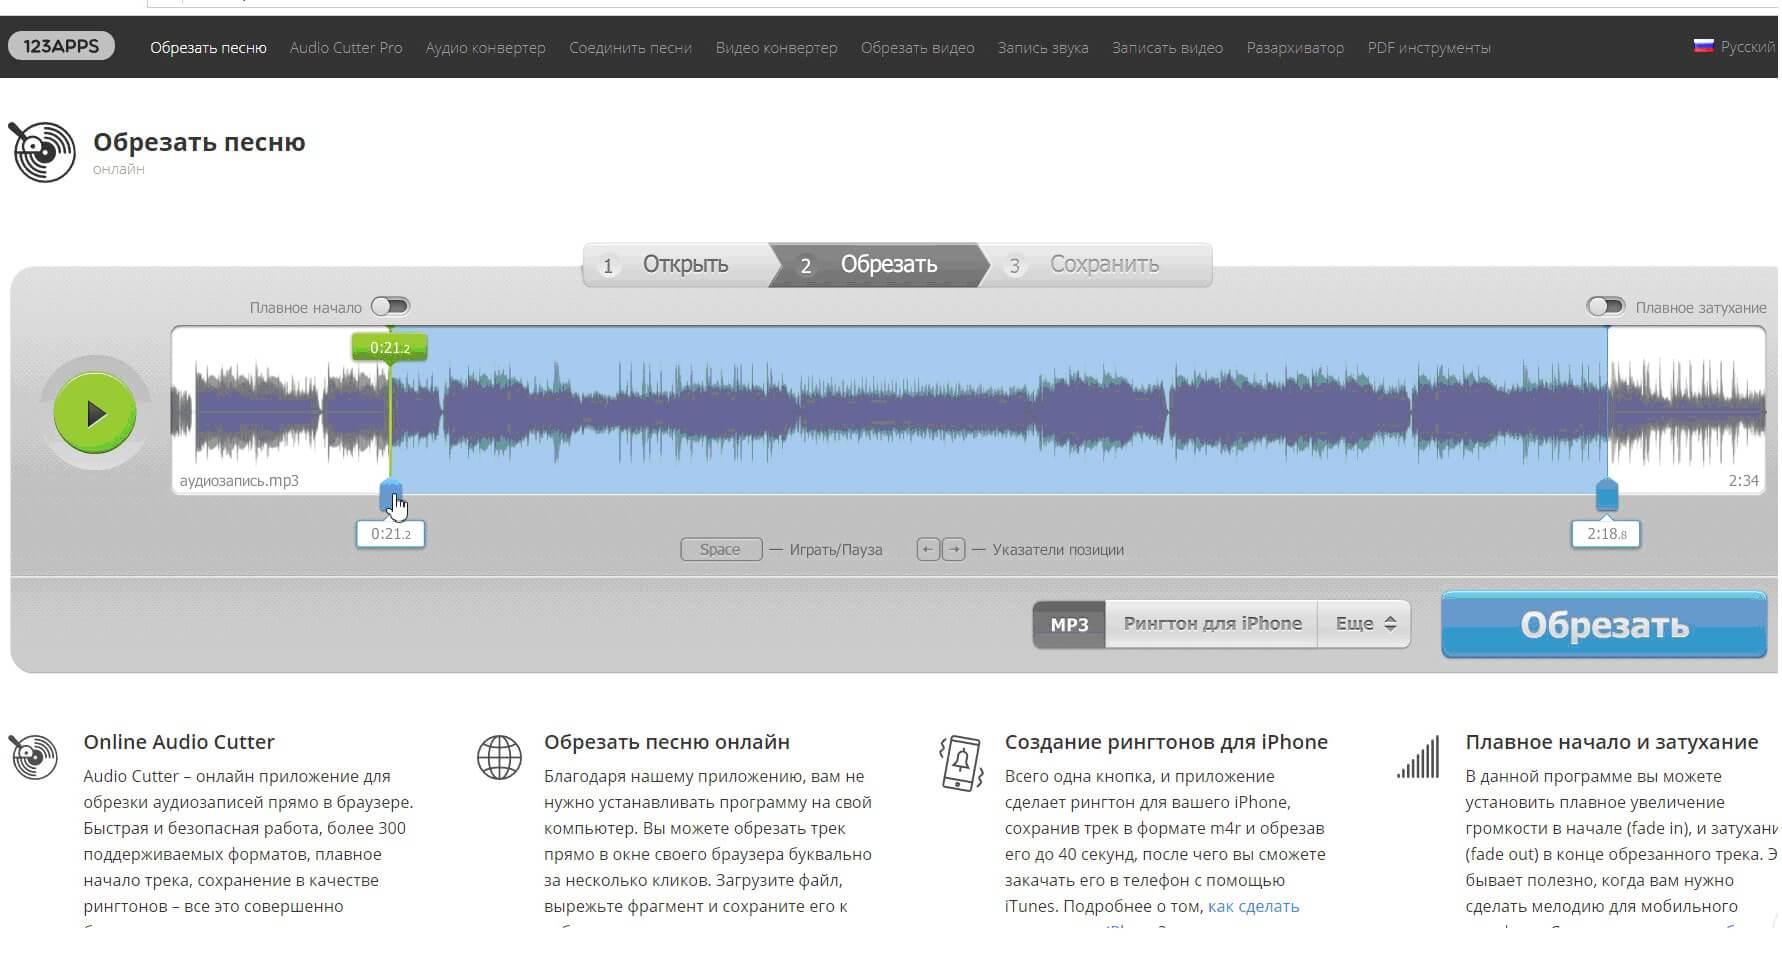 редактирование аудио записей онлайн